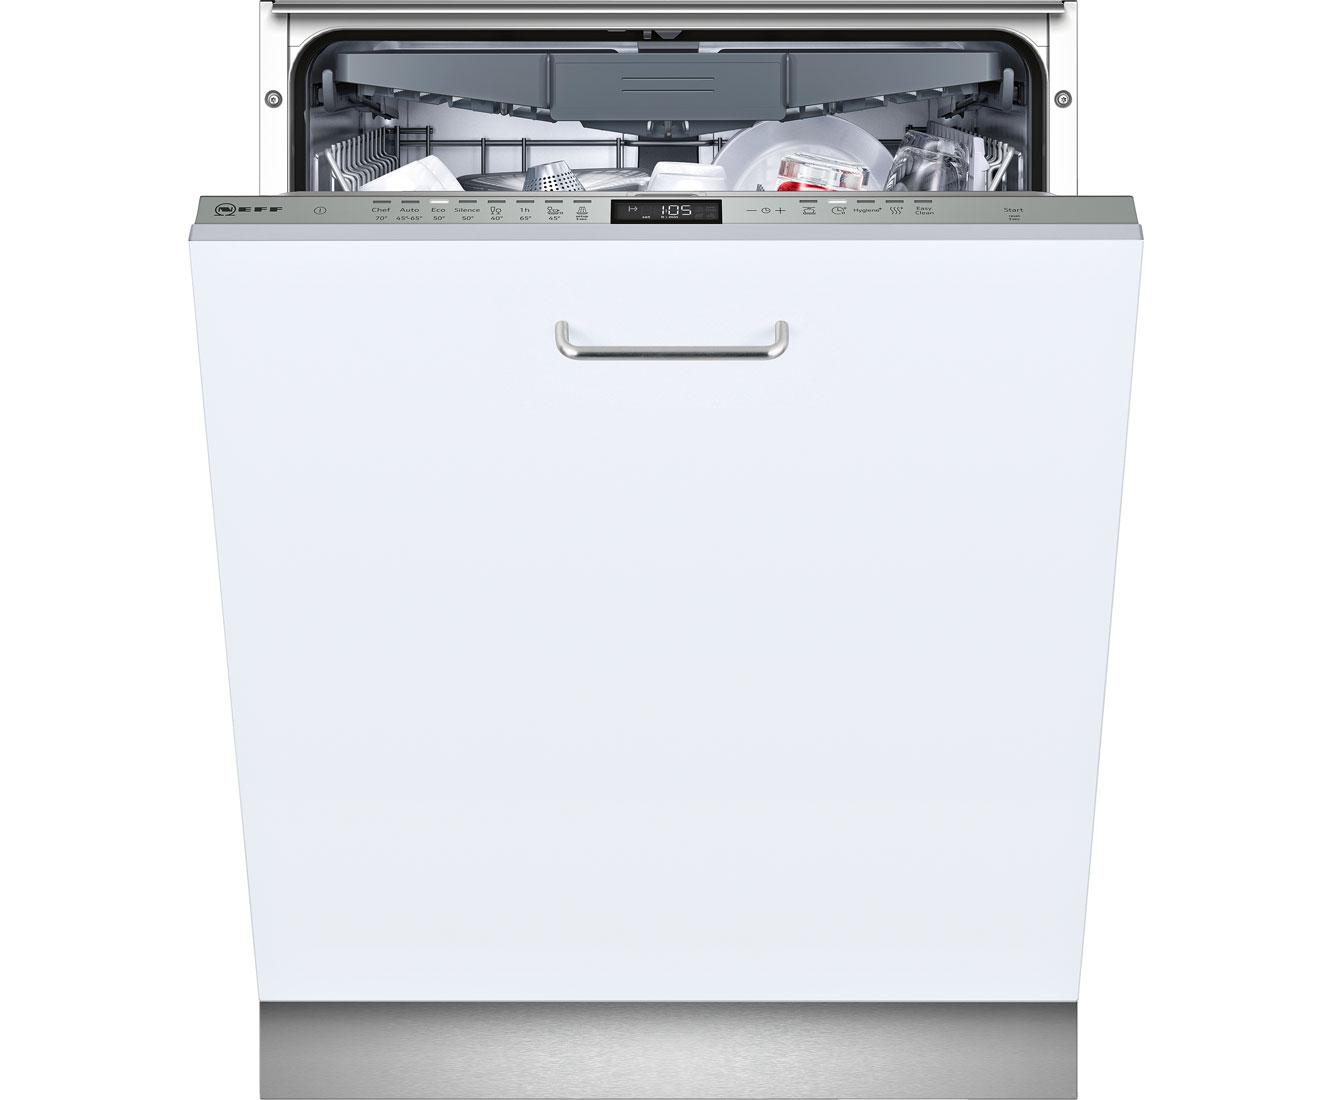 Neff GV5801M Geschirrspüler 60 cm - Edelstahl | Küche und Esszimmer > Küchenelektrogeräte > Gefrierschränke | Edelstahl | Neff